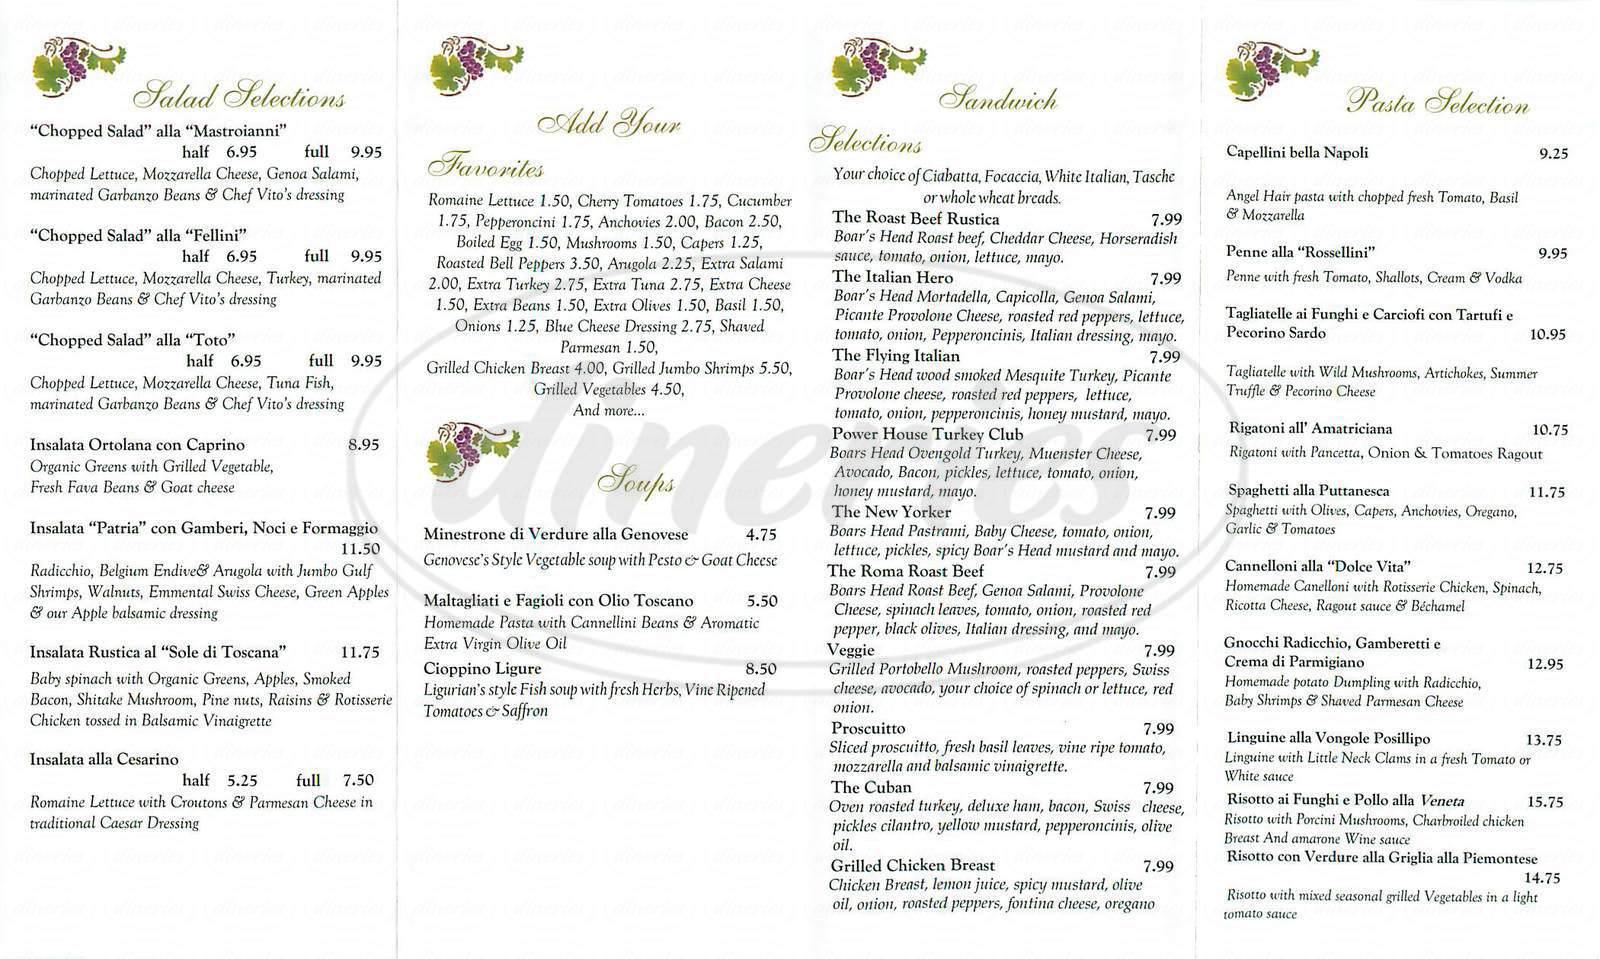 menu for Bacco Trattoria